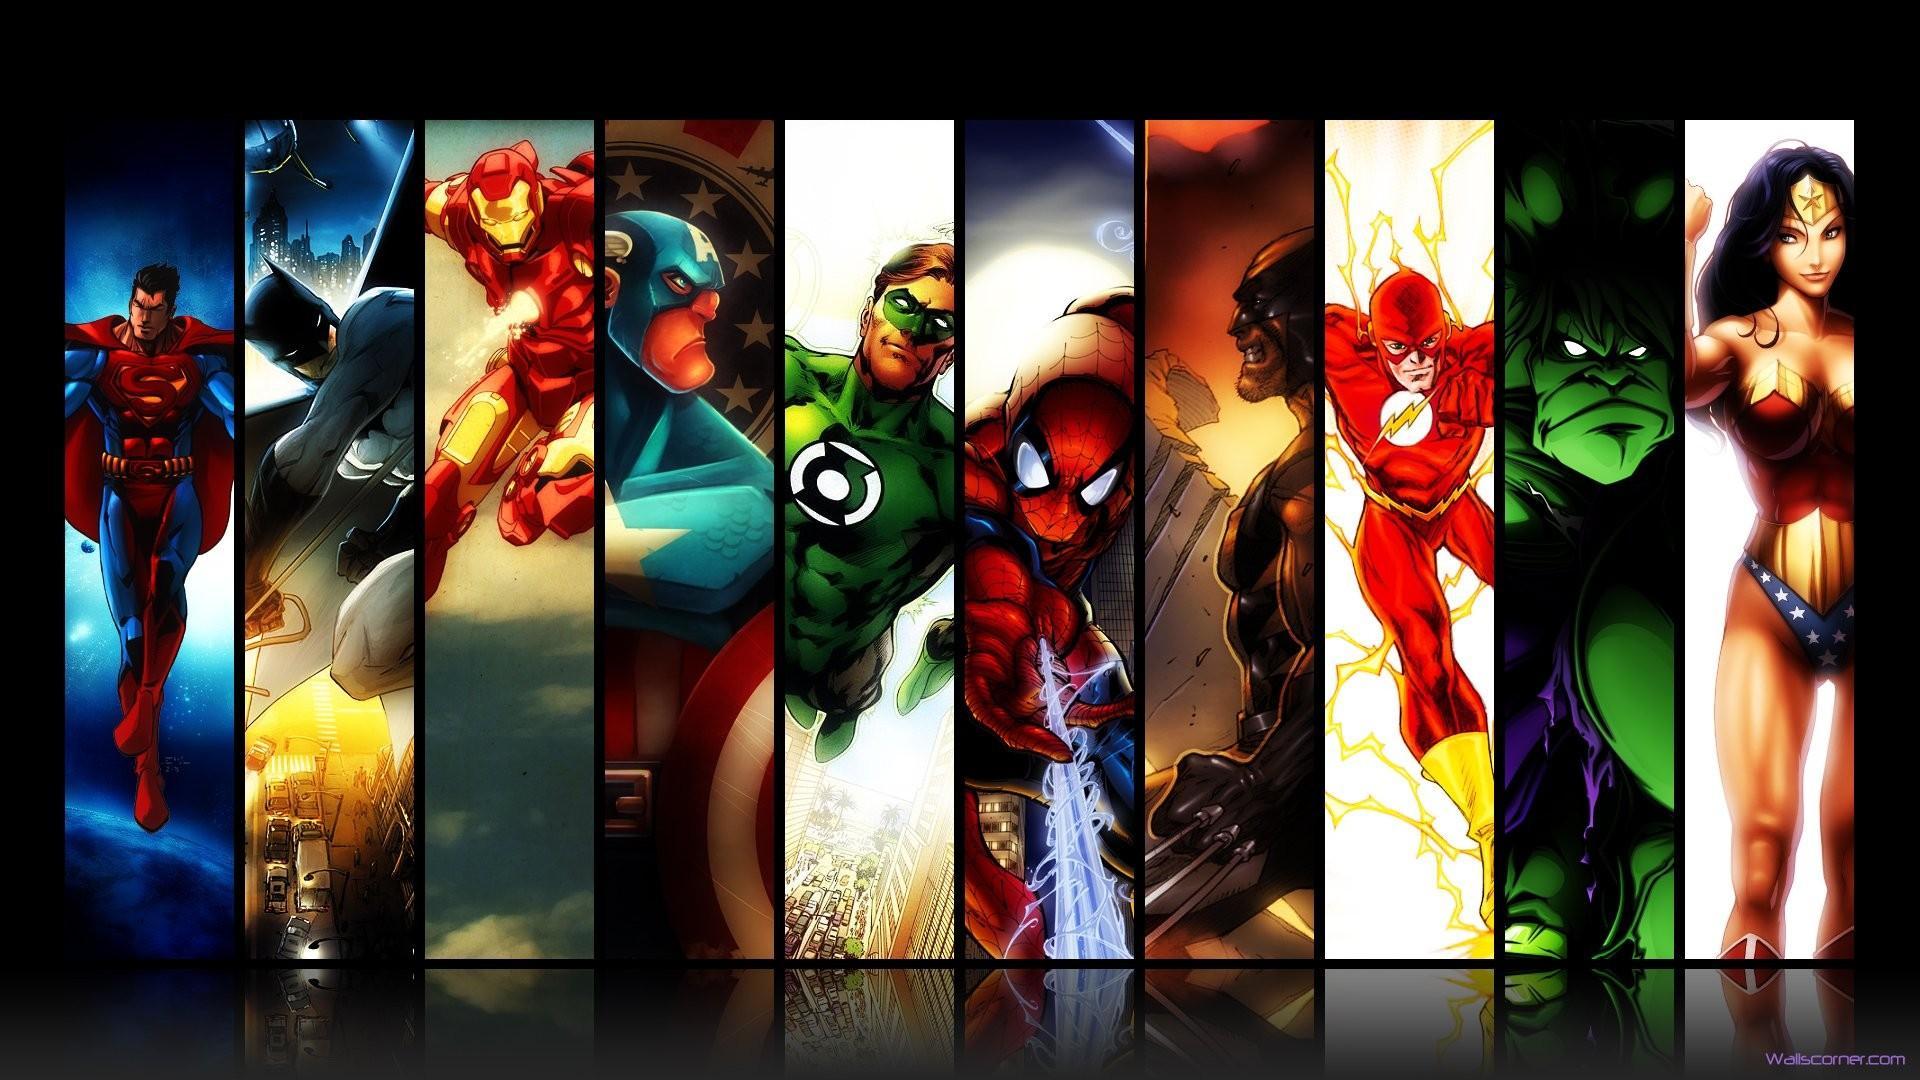 Download Dc Comics Logo Wallpaper Hd Backgrounds Download